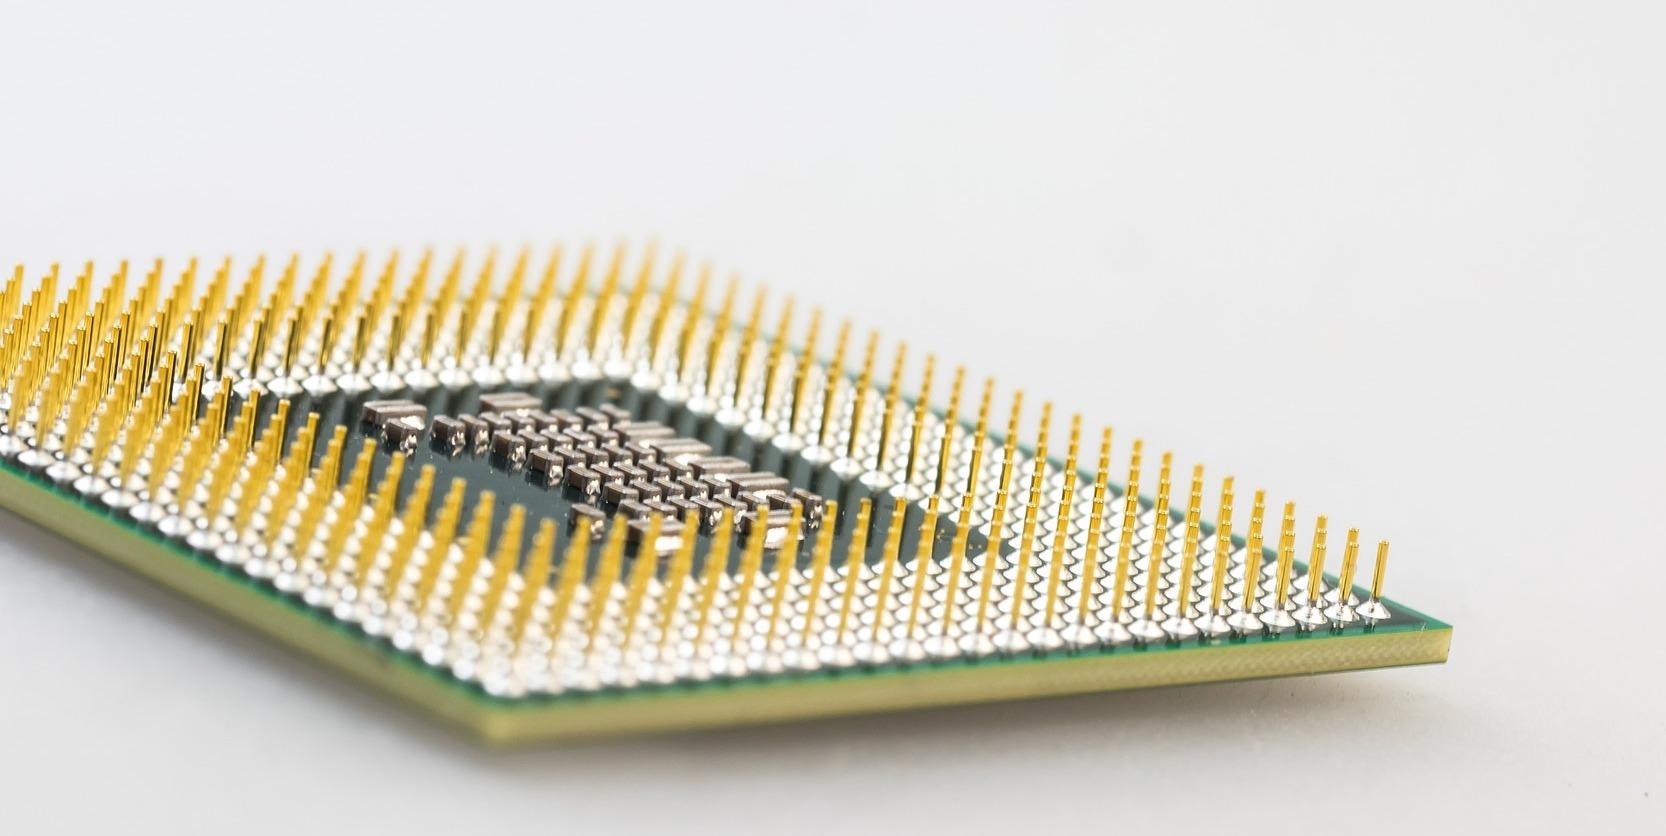 Von der Zahl der CPU-Kerne hängt ab, wie schnell eine VM arbeitet. (Bild: blickpixel/Pixabay)